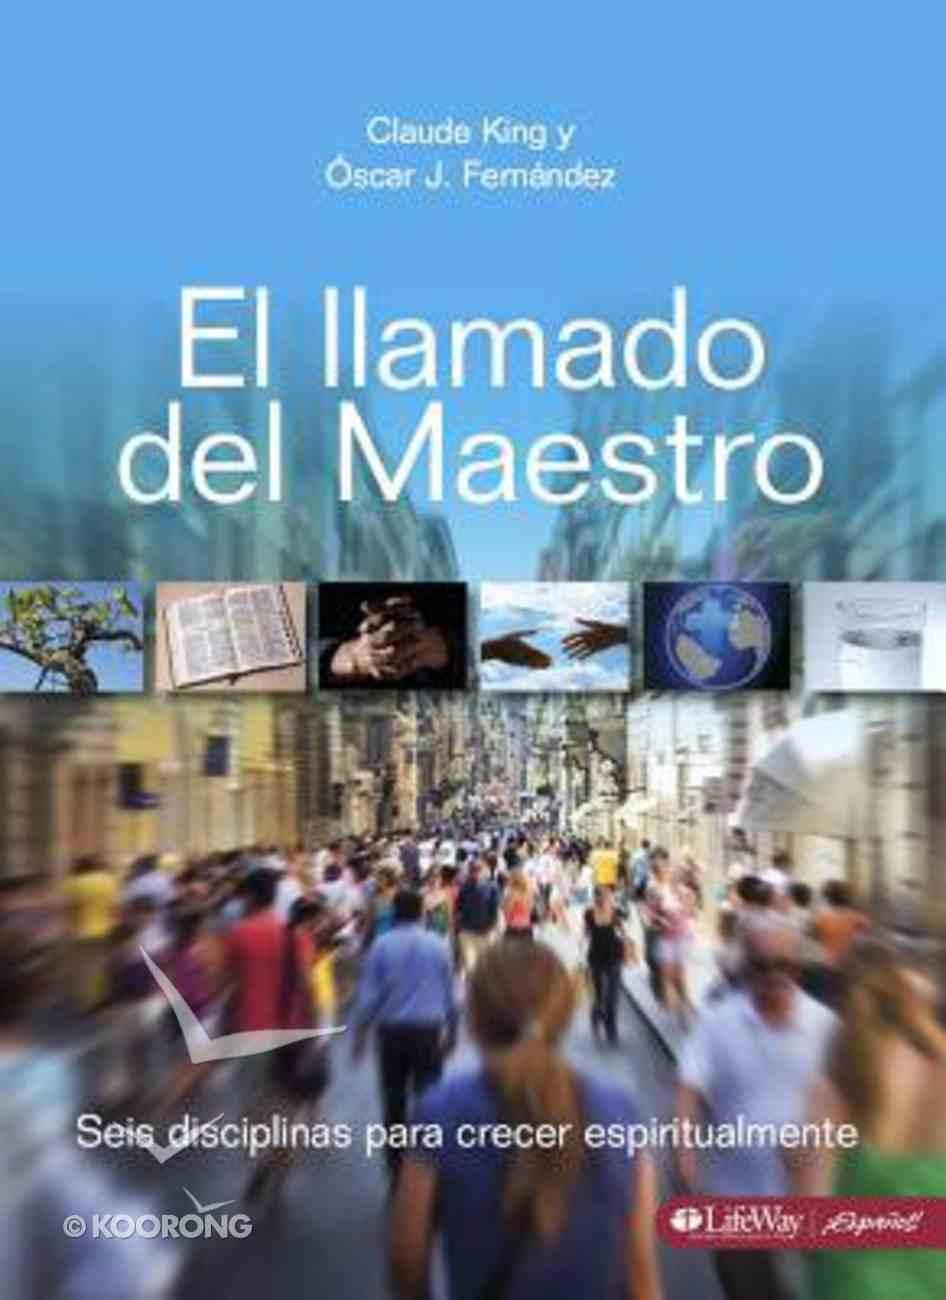 El Llamado Del Maestro (The Call From The Master) Paperback